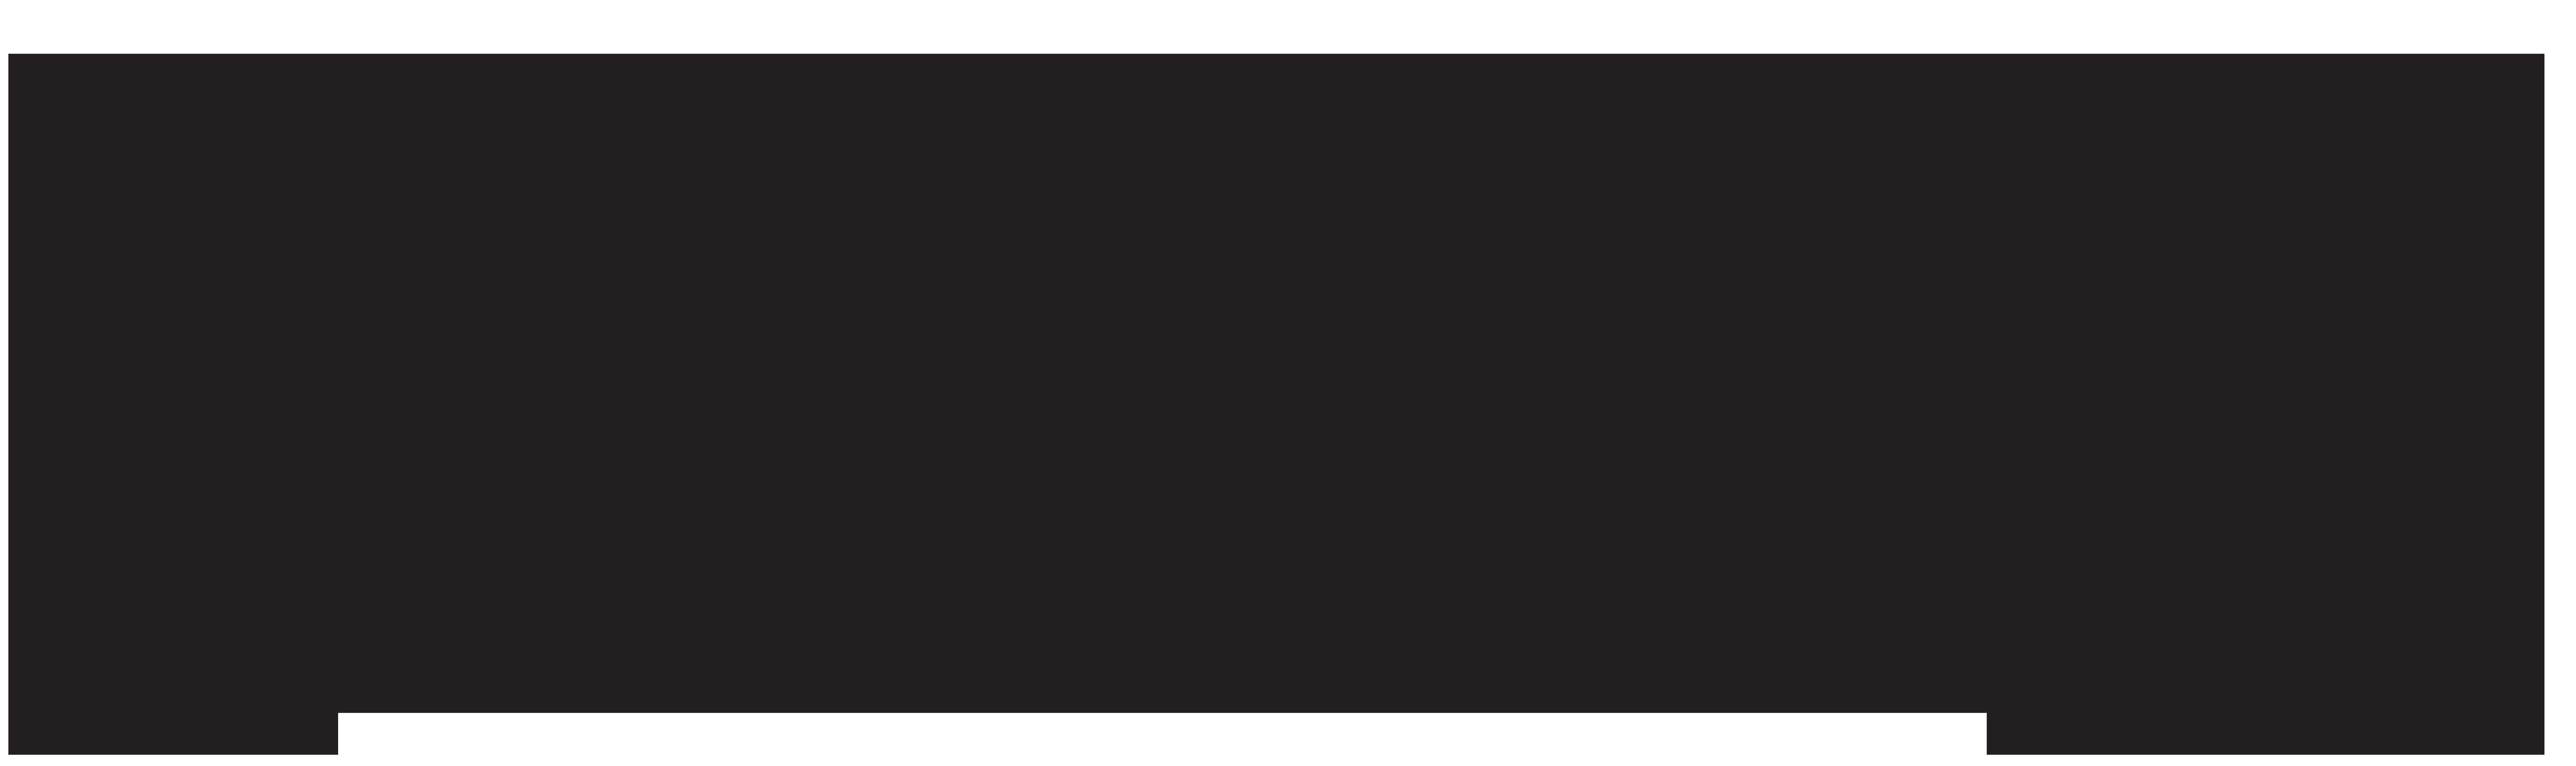 Motivation clipart high. Camel caravan silhouette png